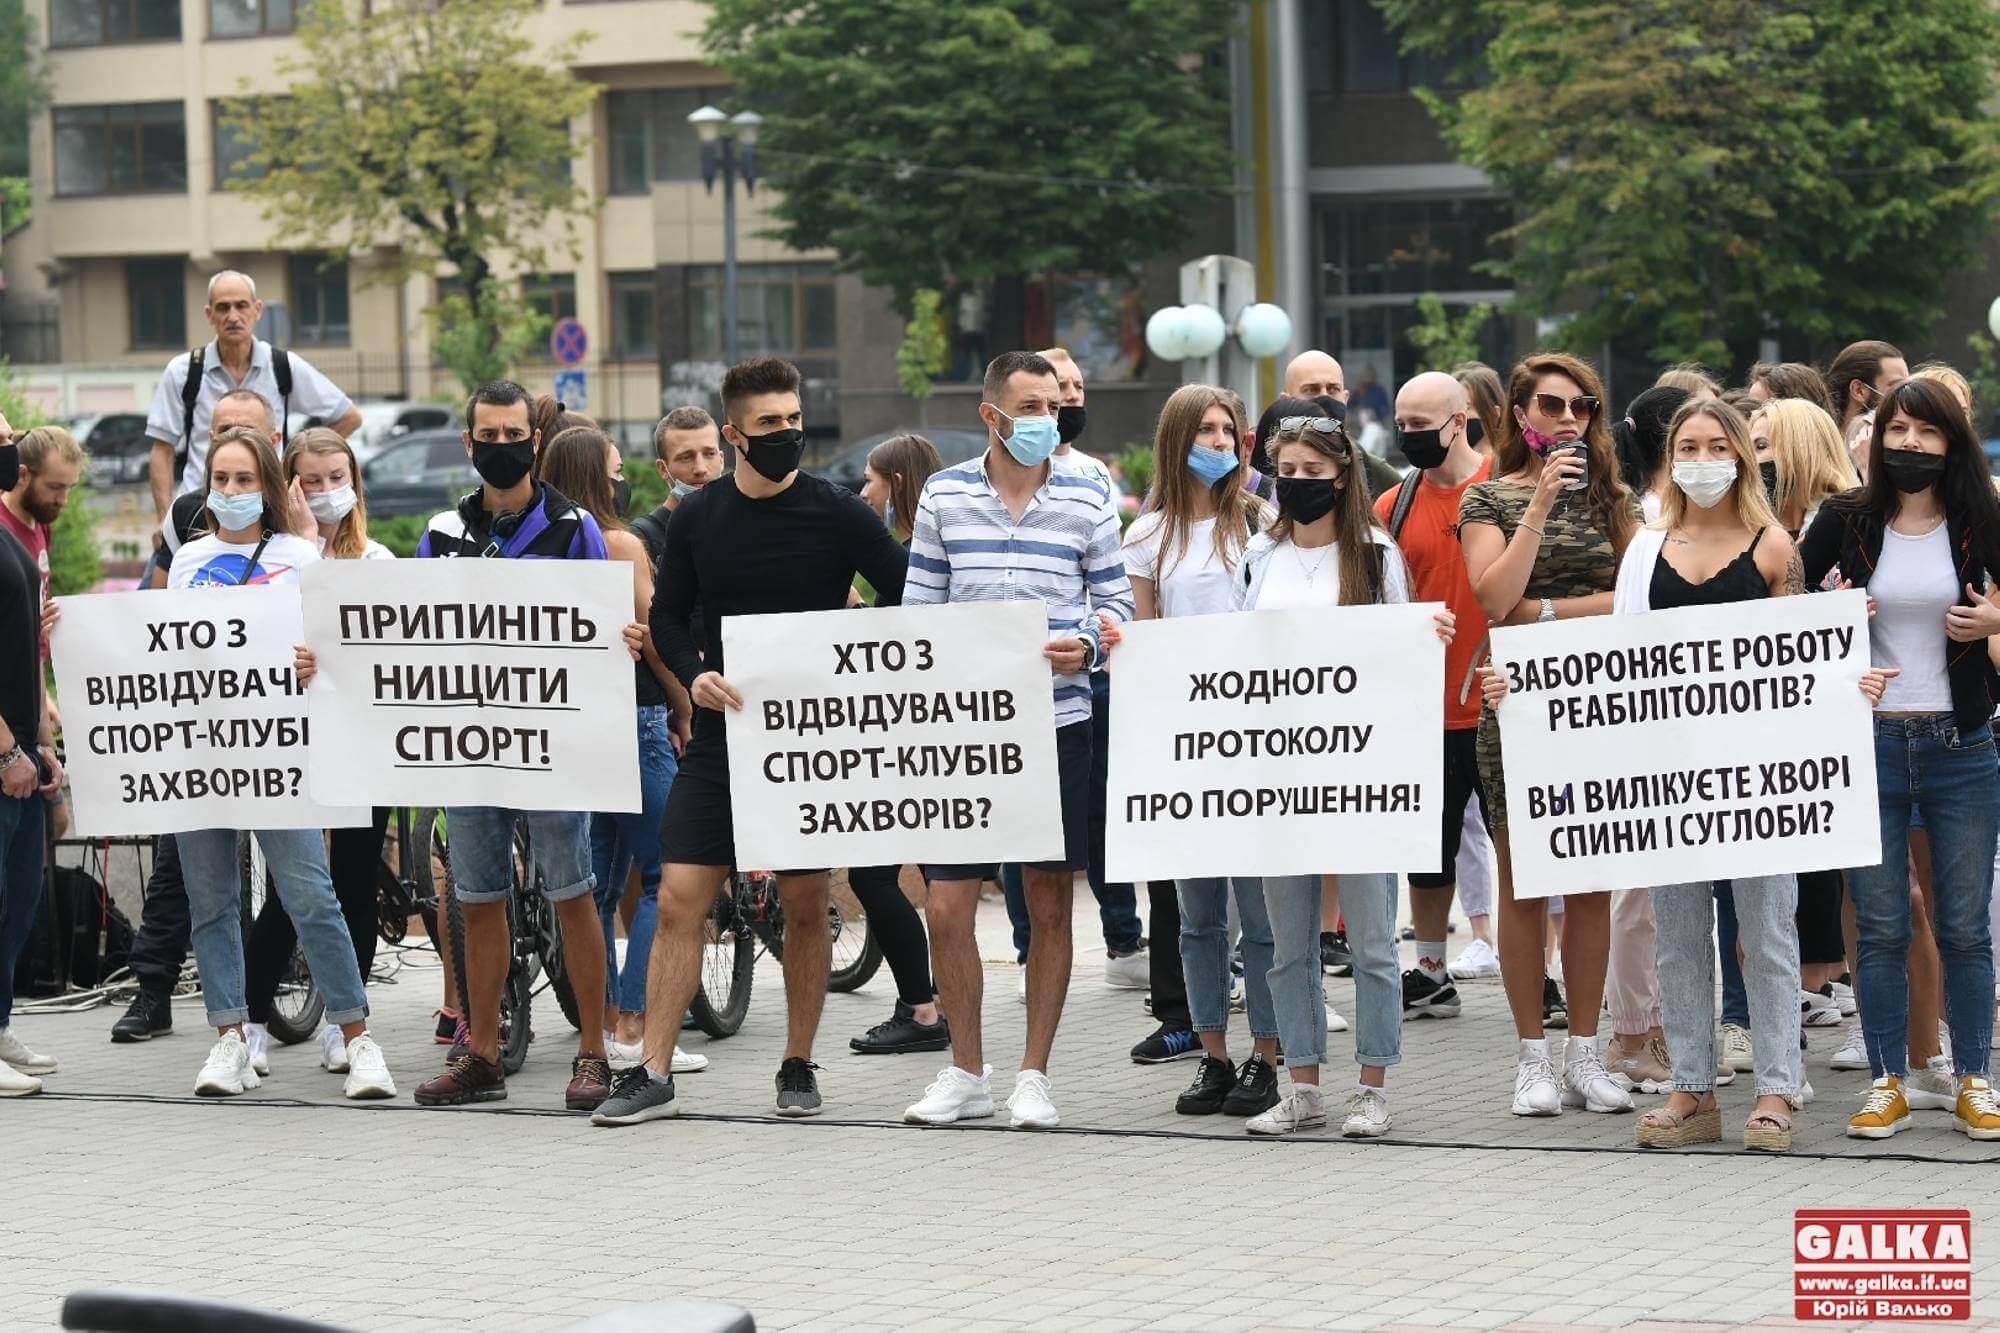 Розминка під ОДА: франківці виступають проти закриття спортзалів та фітнес-центрів (ФОТО, ВІДЕО)